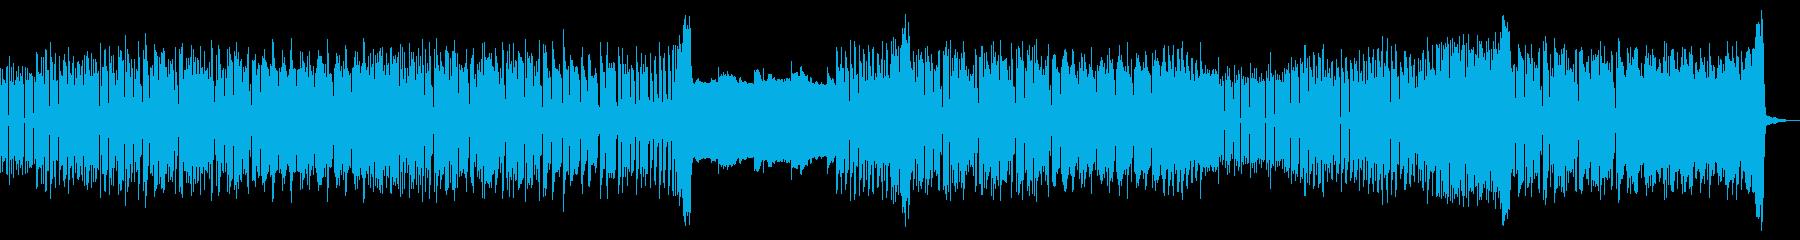 楽しいゲームによく合うピコピコサウンドの再生済みの波形